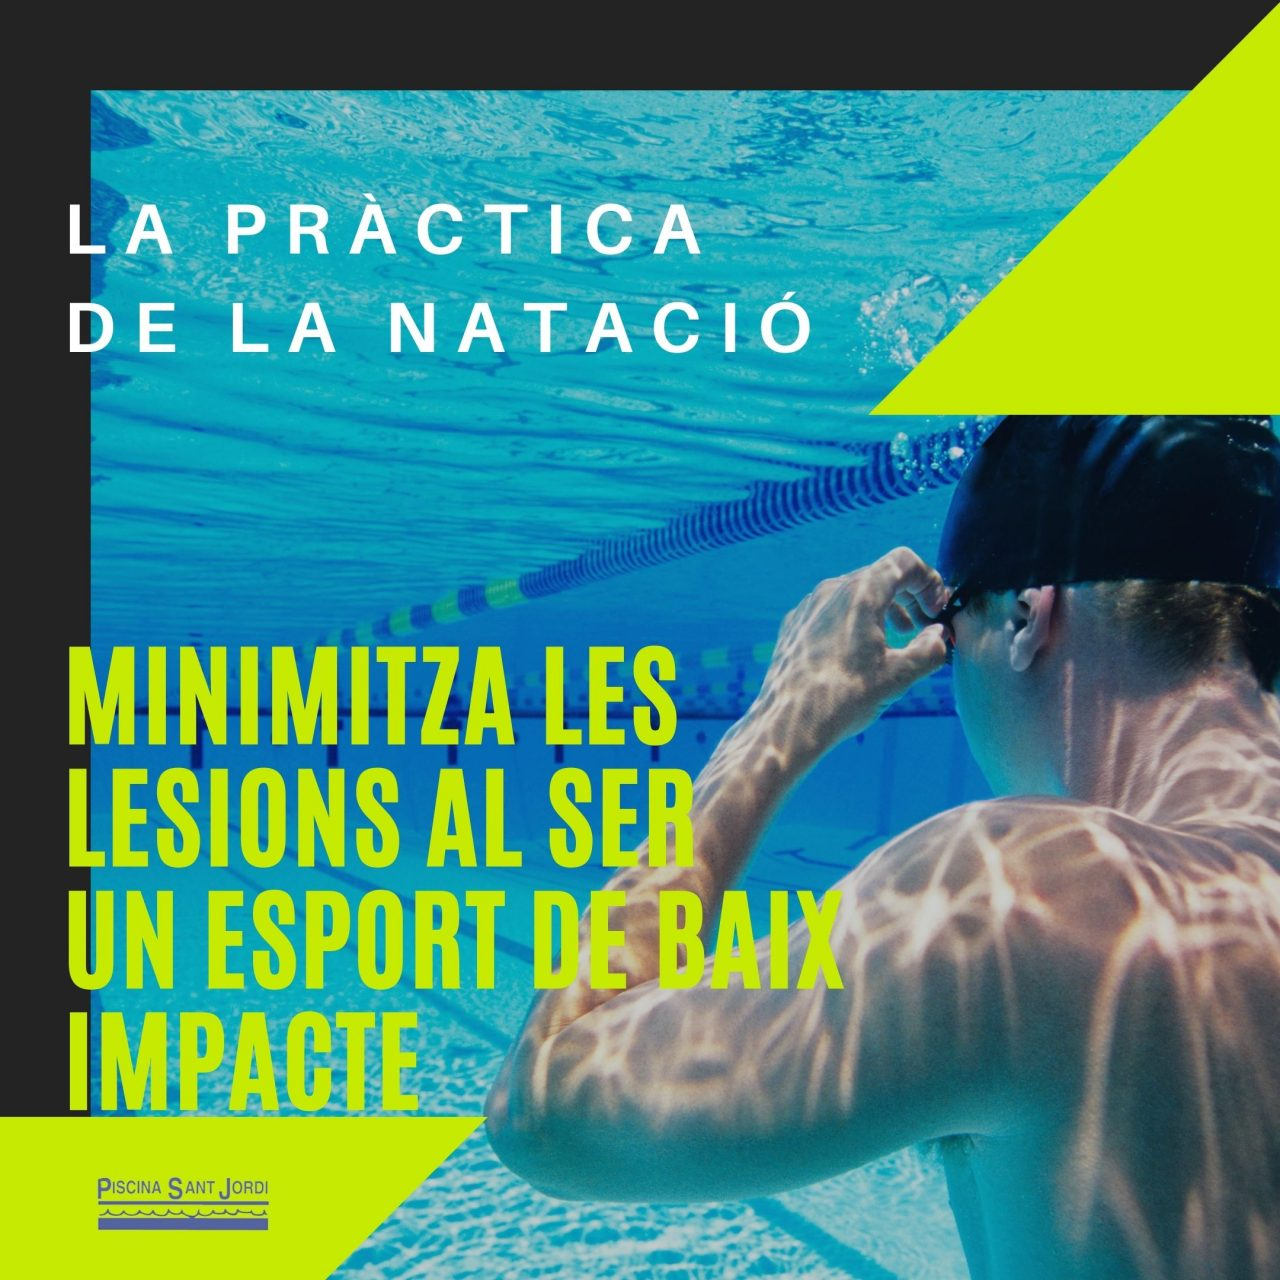 LA-PRÀCTICA-DE-LA-NATACIÓ-2-1280x1280.jpg